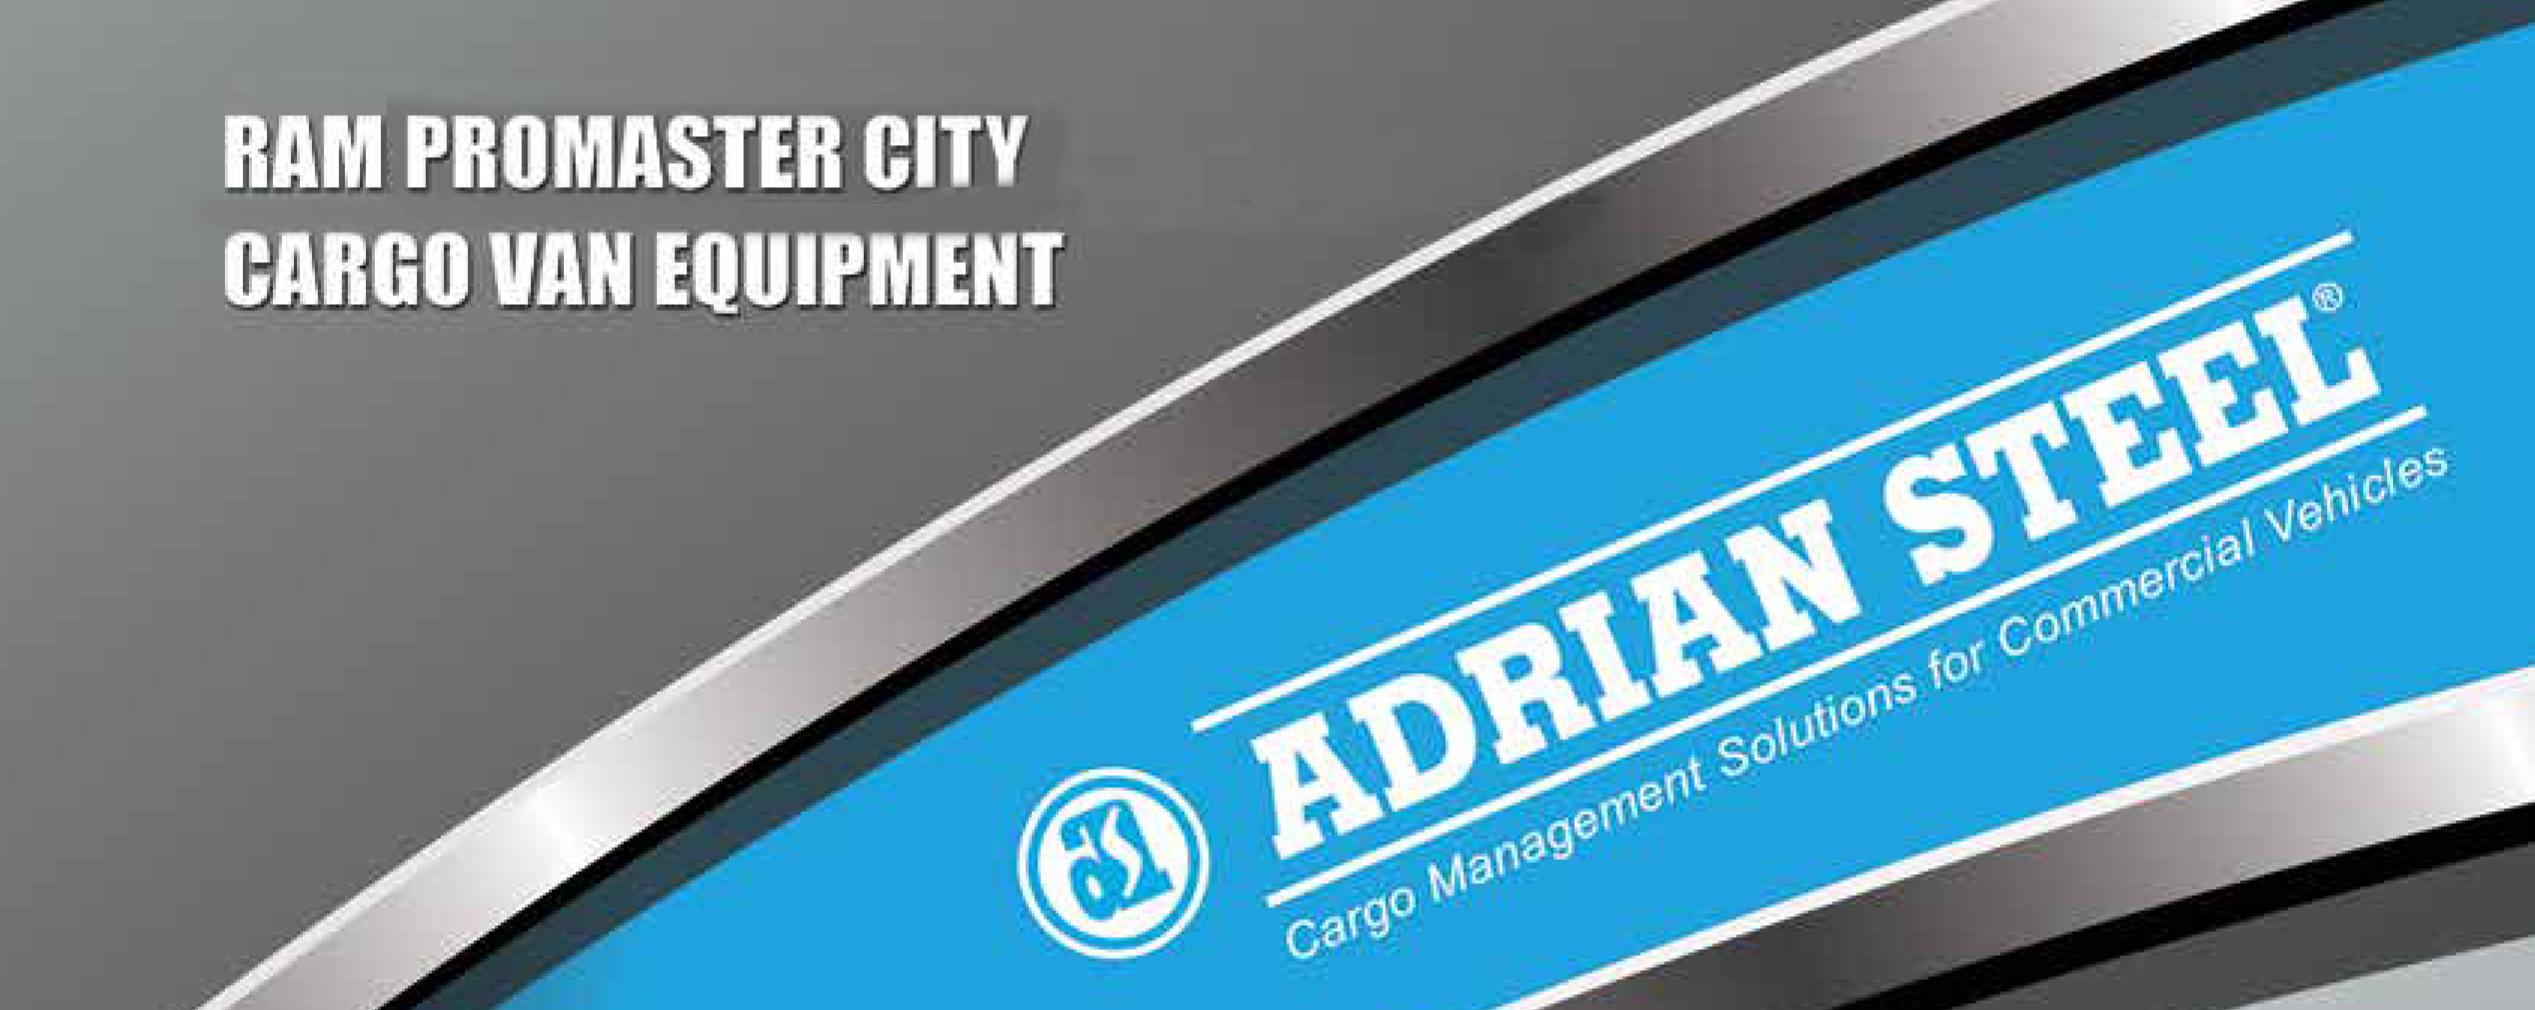 adrian-promaster-city-header.jpg